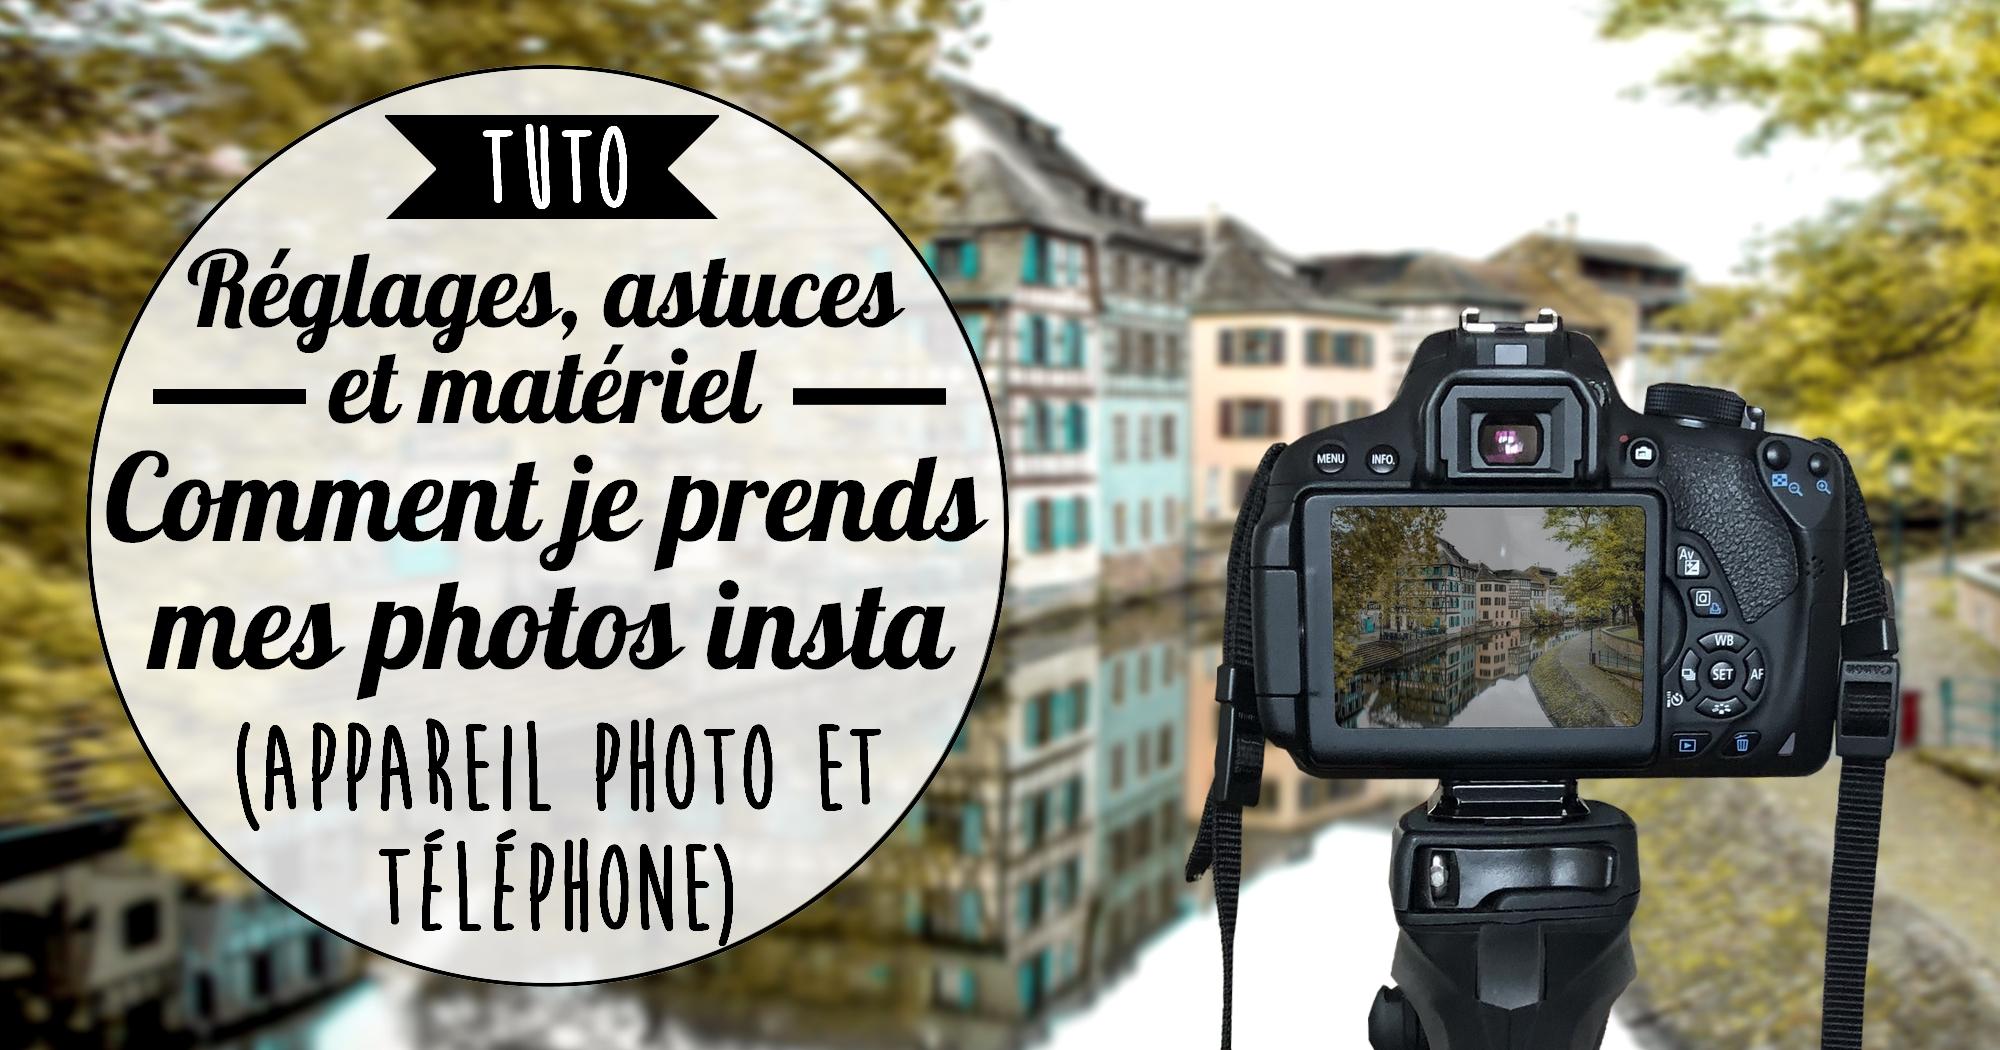 Matériel, réglages, conseils… Comment je prends mes photos Instagram (téléphone ou appareil photo)